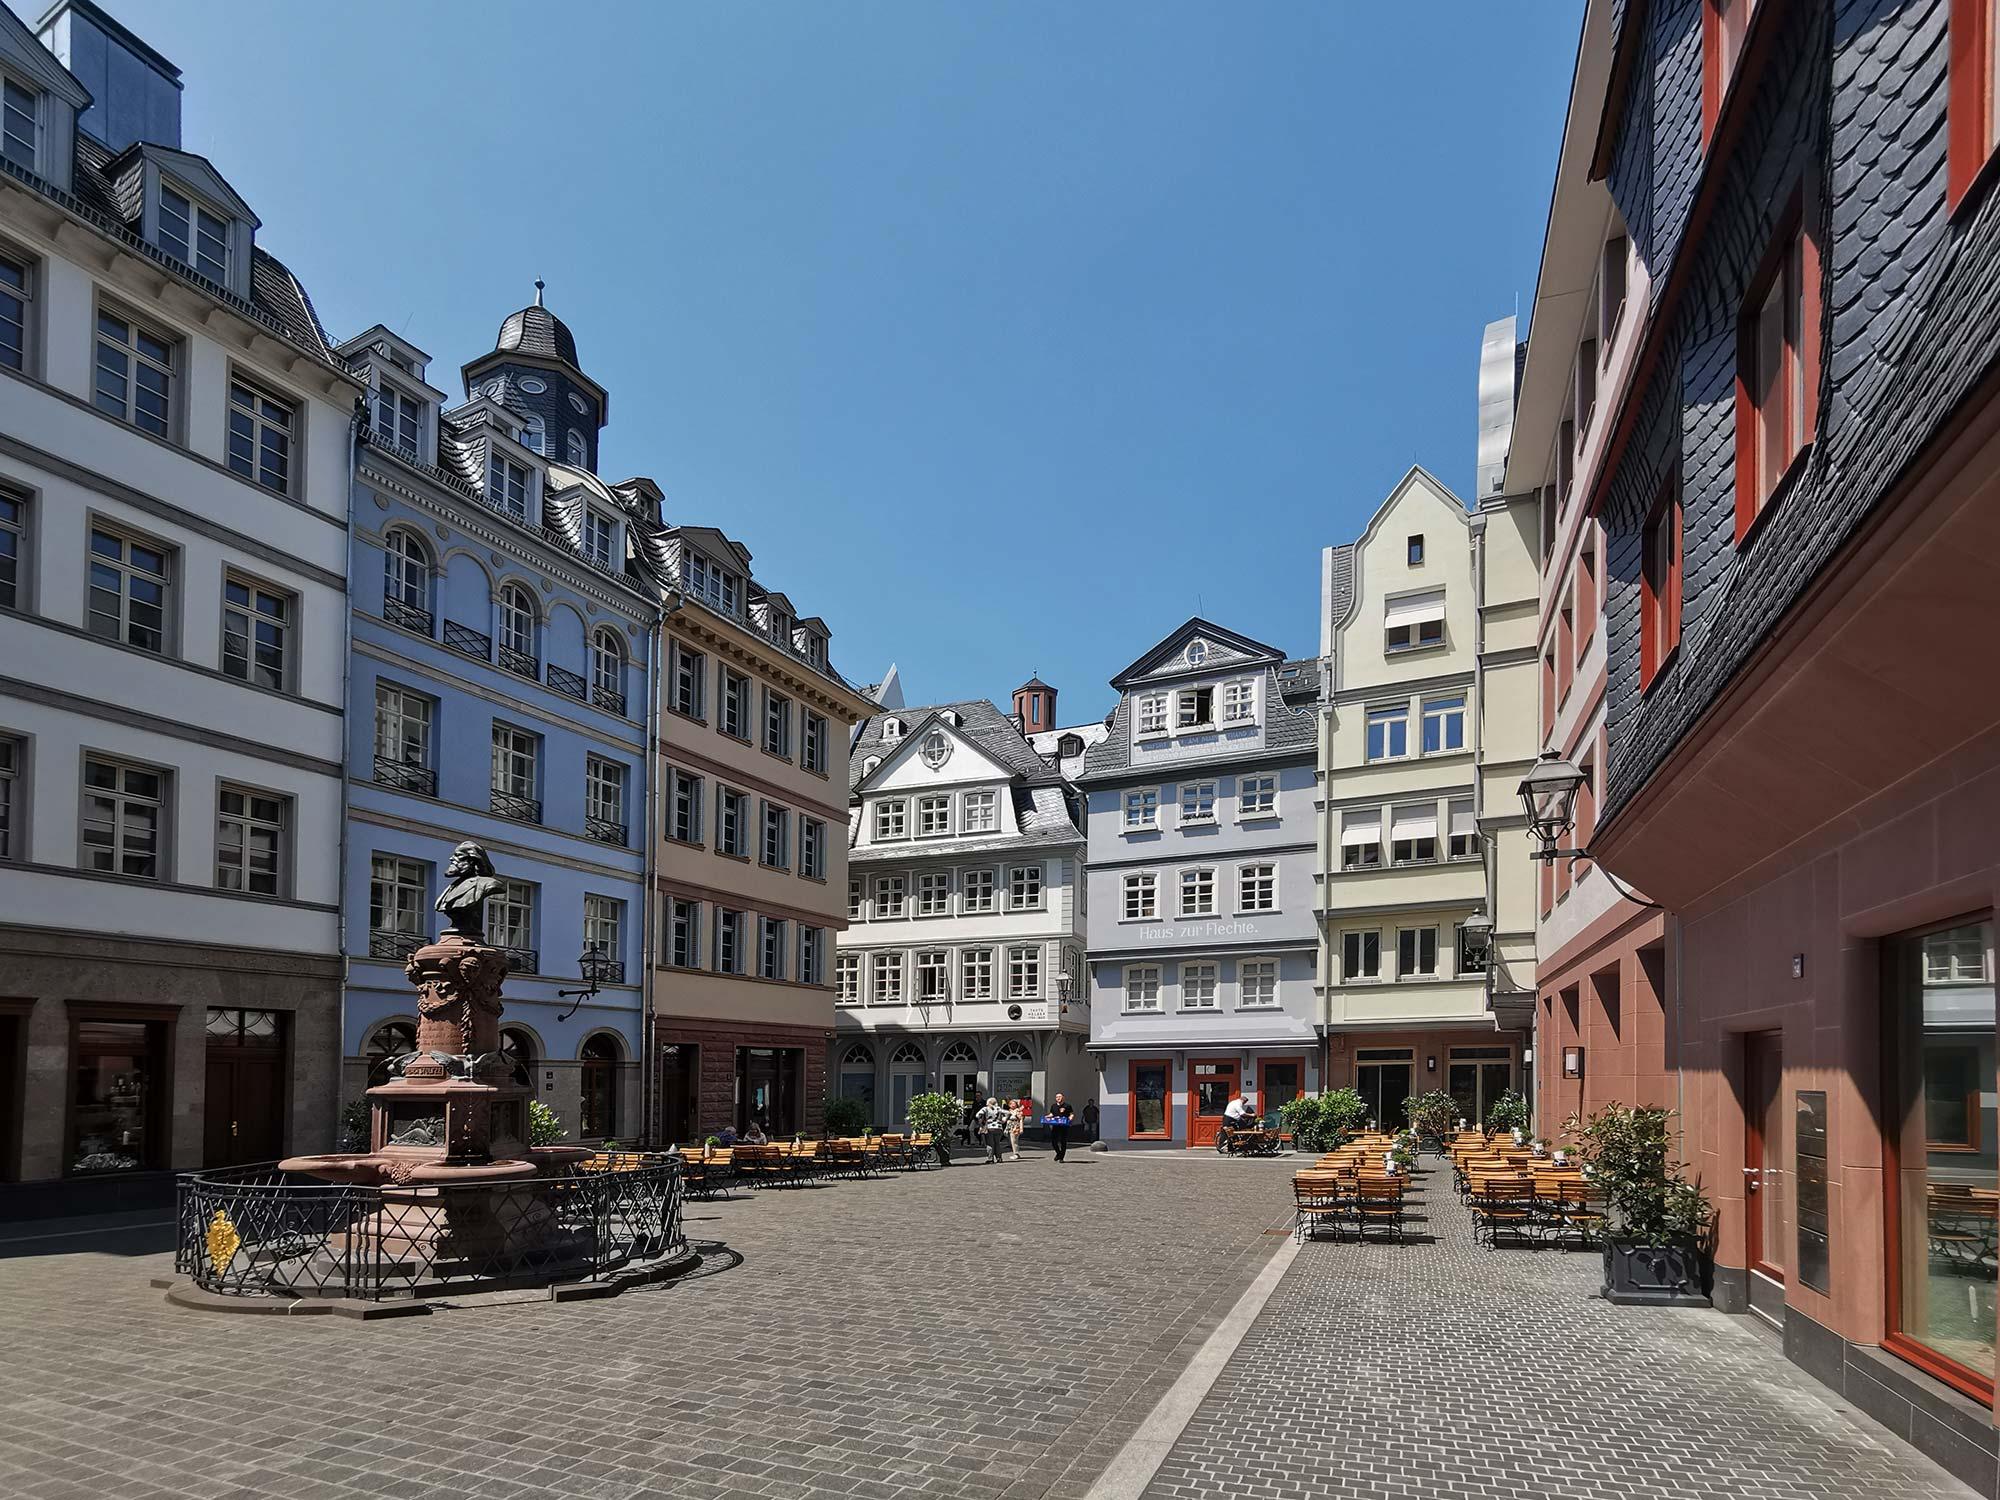 Hühnermarkt - Neue Altstadt Frankfurt - Stoltze Brunnen - Wiederaufgebaute Altstadt - Dom Römer Areal